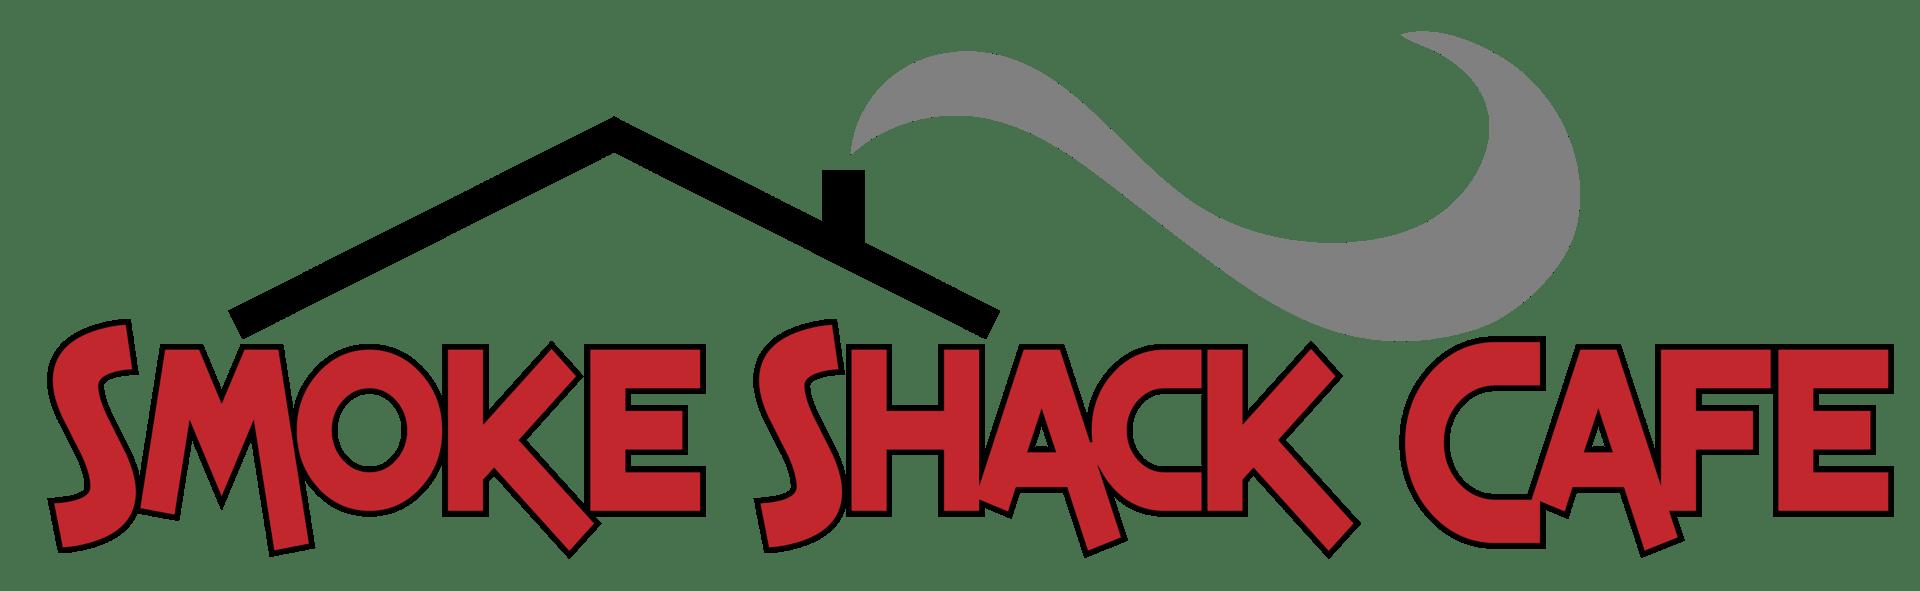 Smoke Shack logo